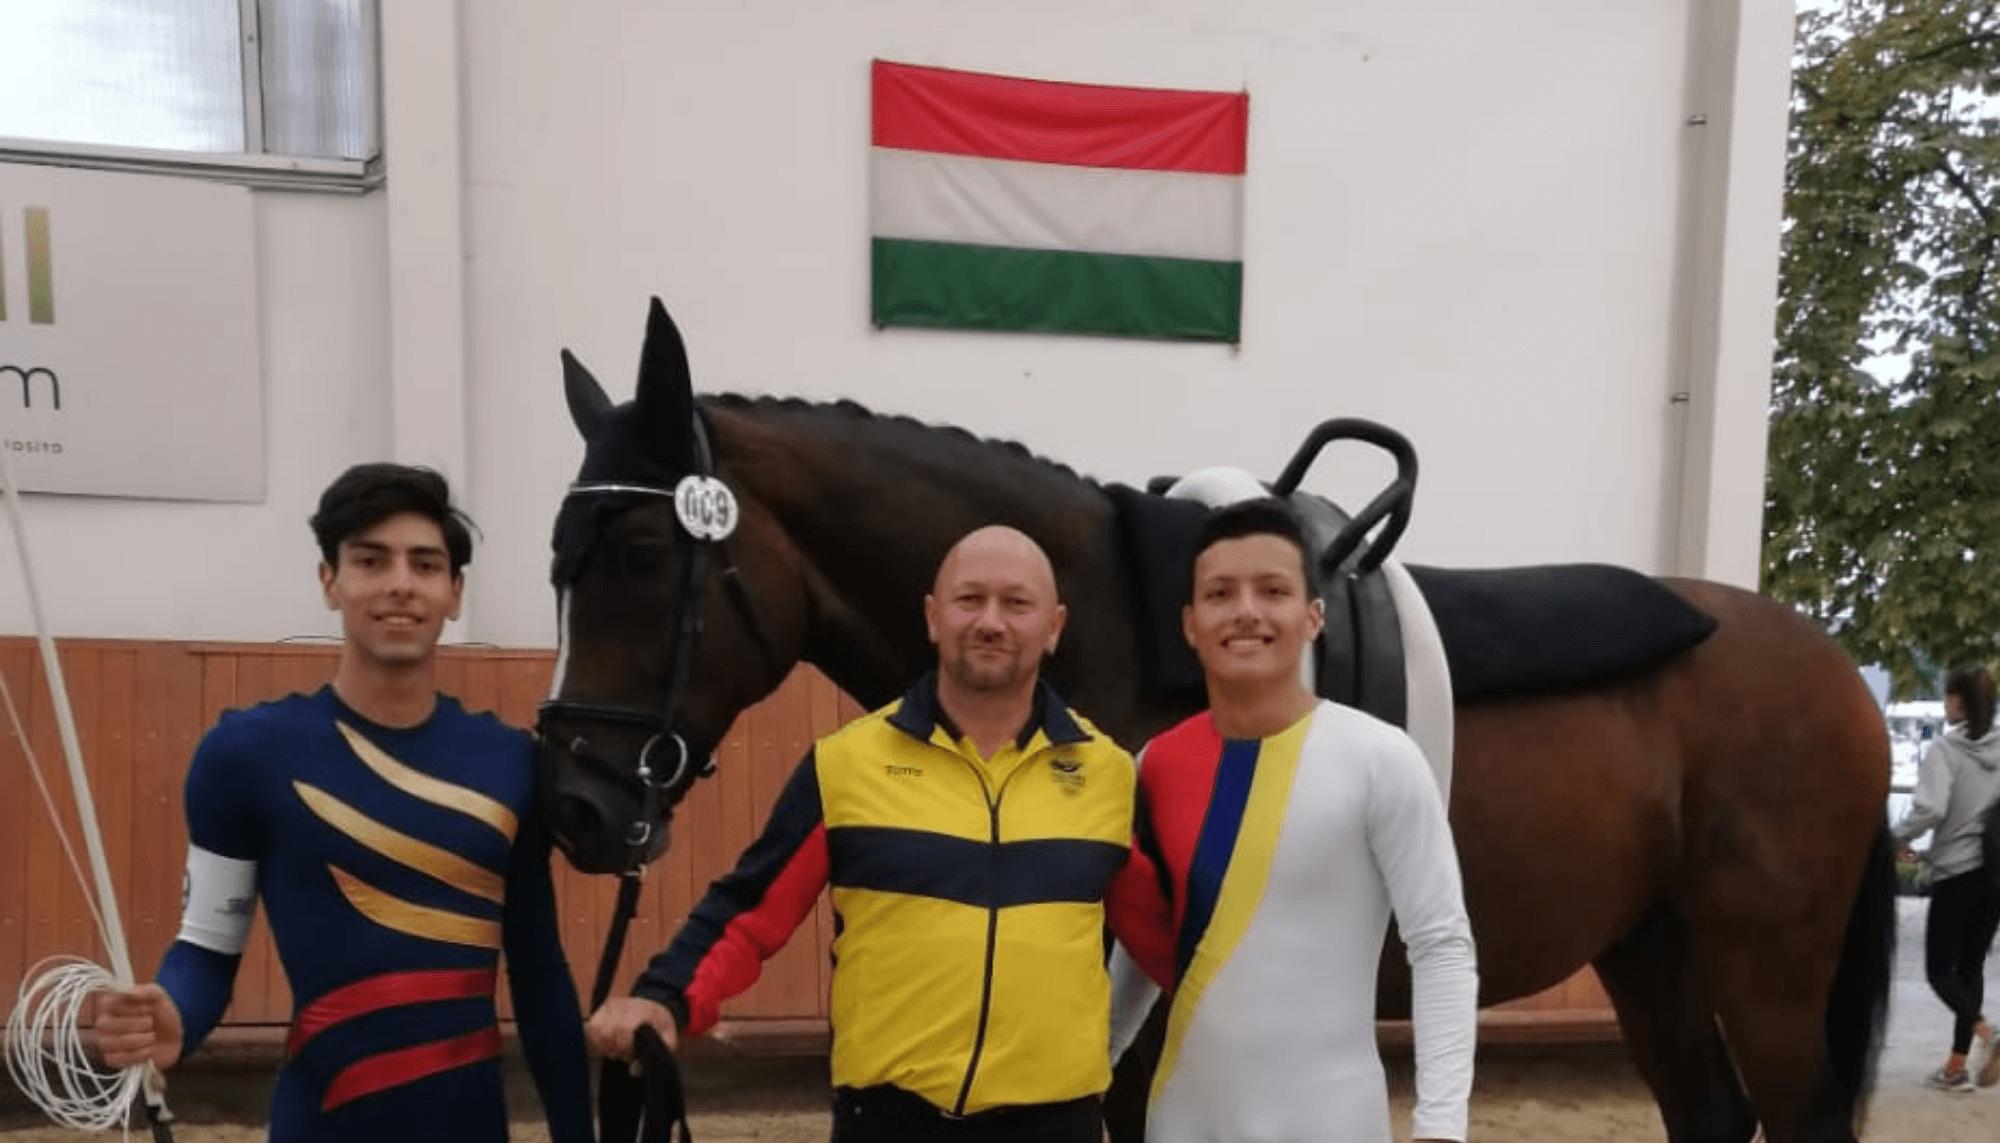 RESULTADOS EN VIVO DEL FEI VAULTING WORLD CHAMPIONSHIPS FOR SENIORS – BUDAPEST, HUNGRÍA